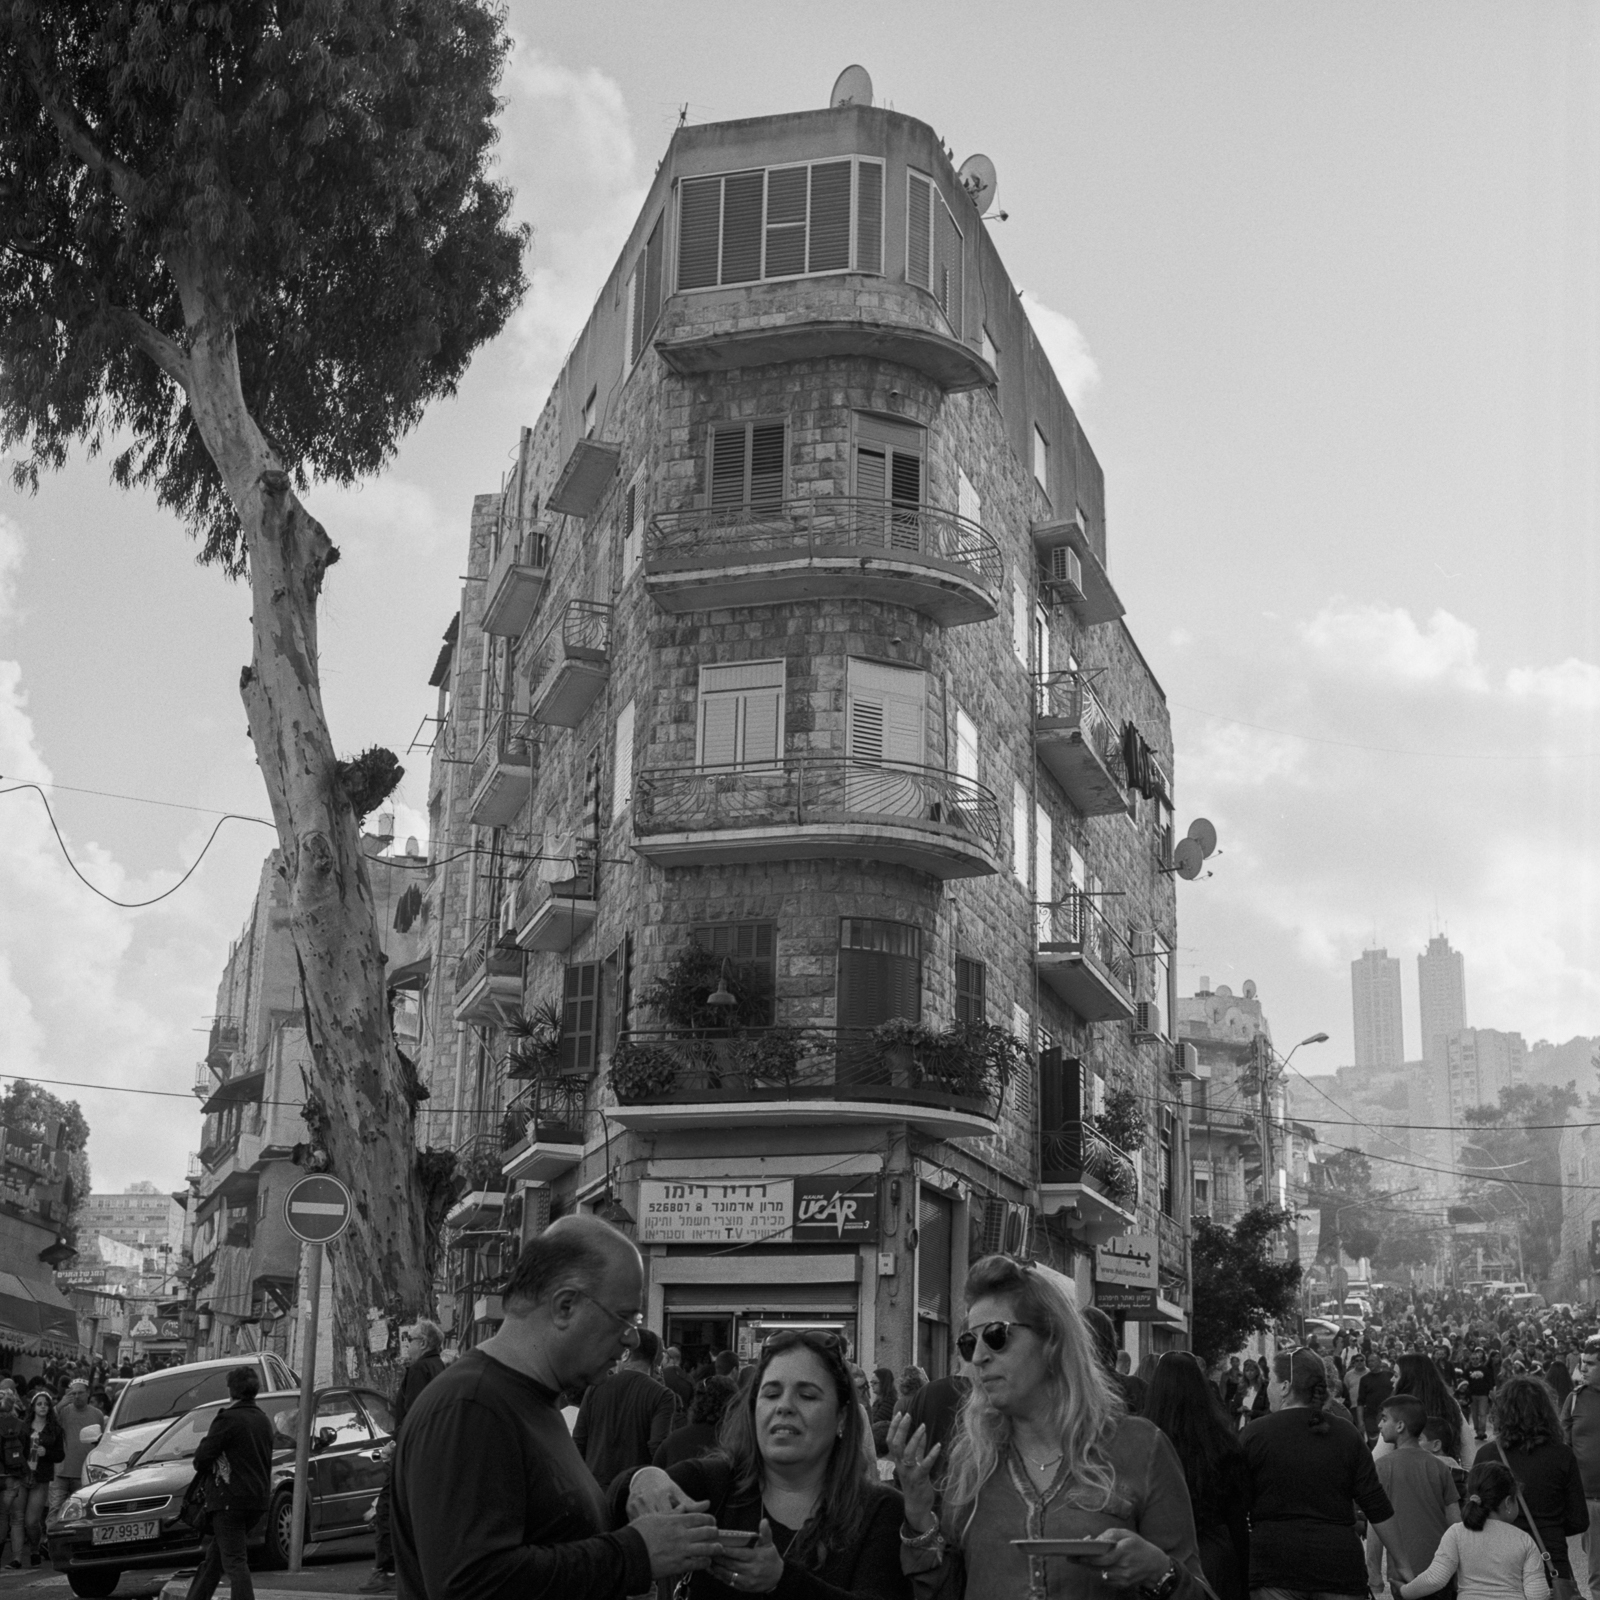 201412_Israel_MF3_TriX_Hasselblad_007-Edit